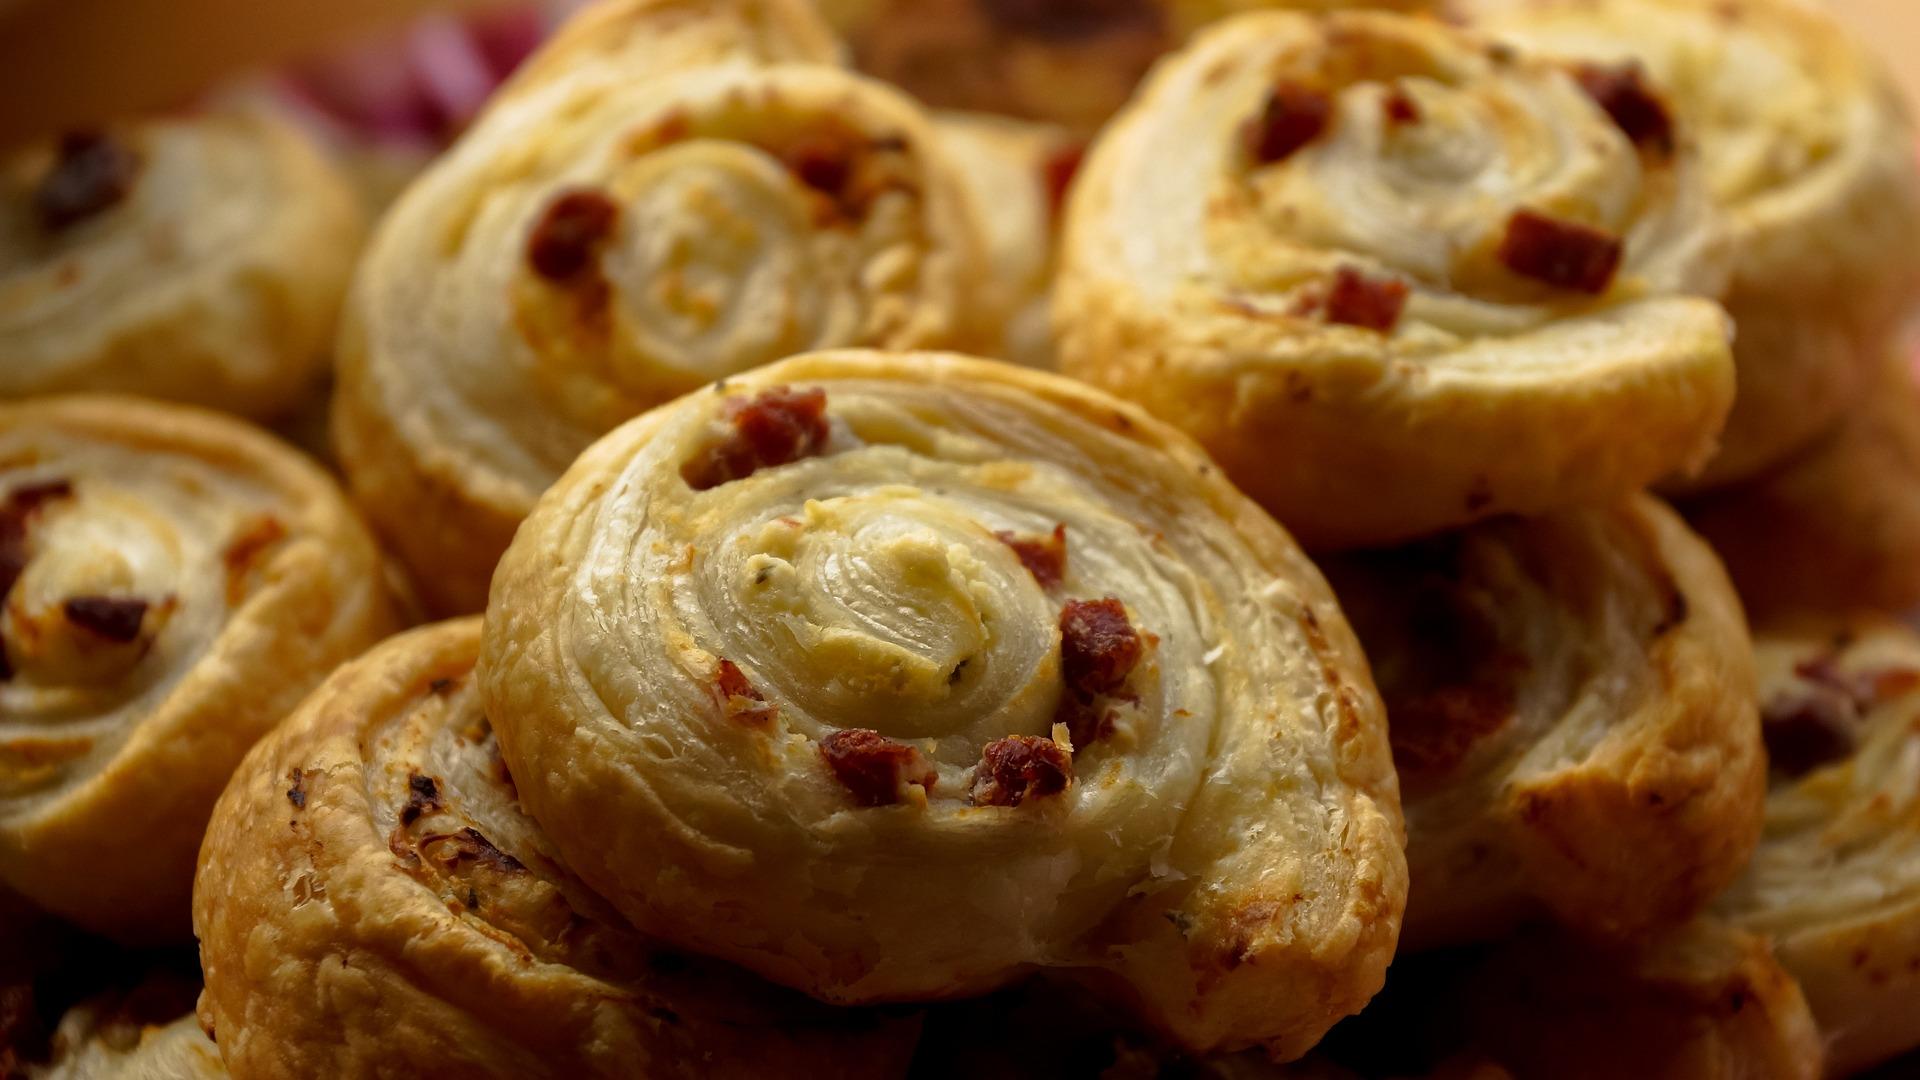 El hojaldre, uno de los dulces más famosos en repostería